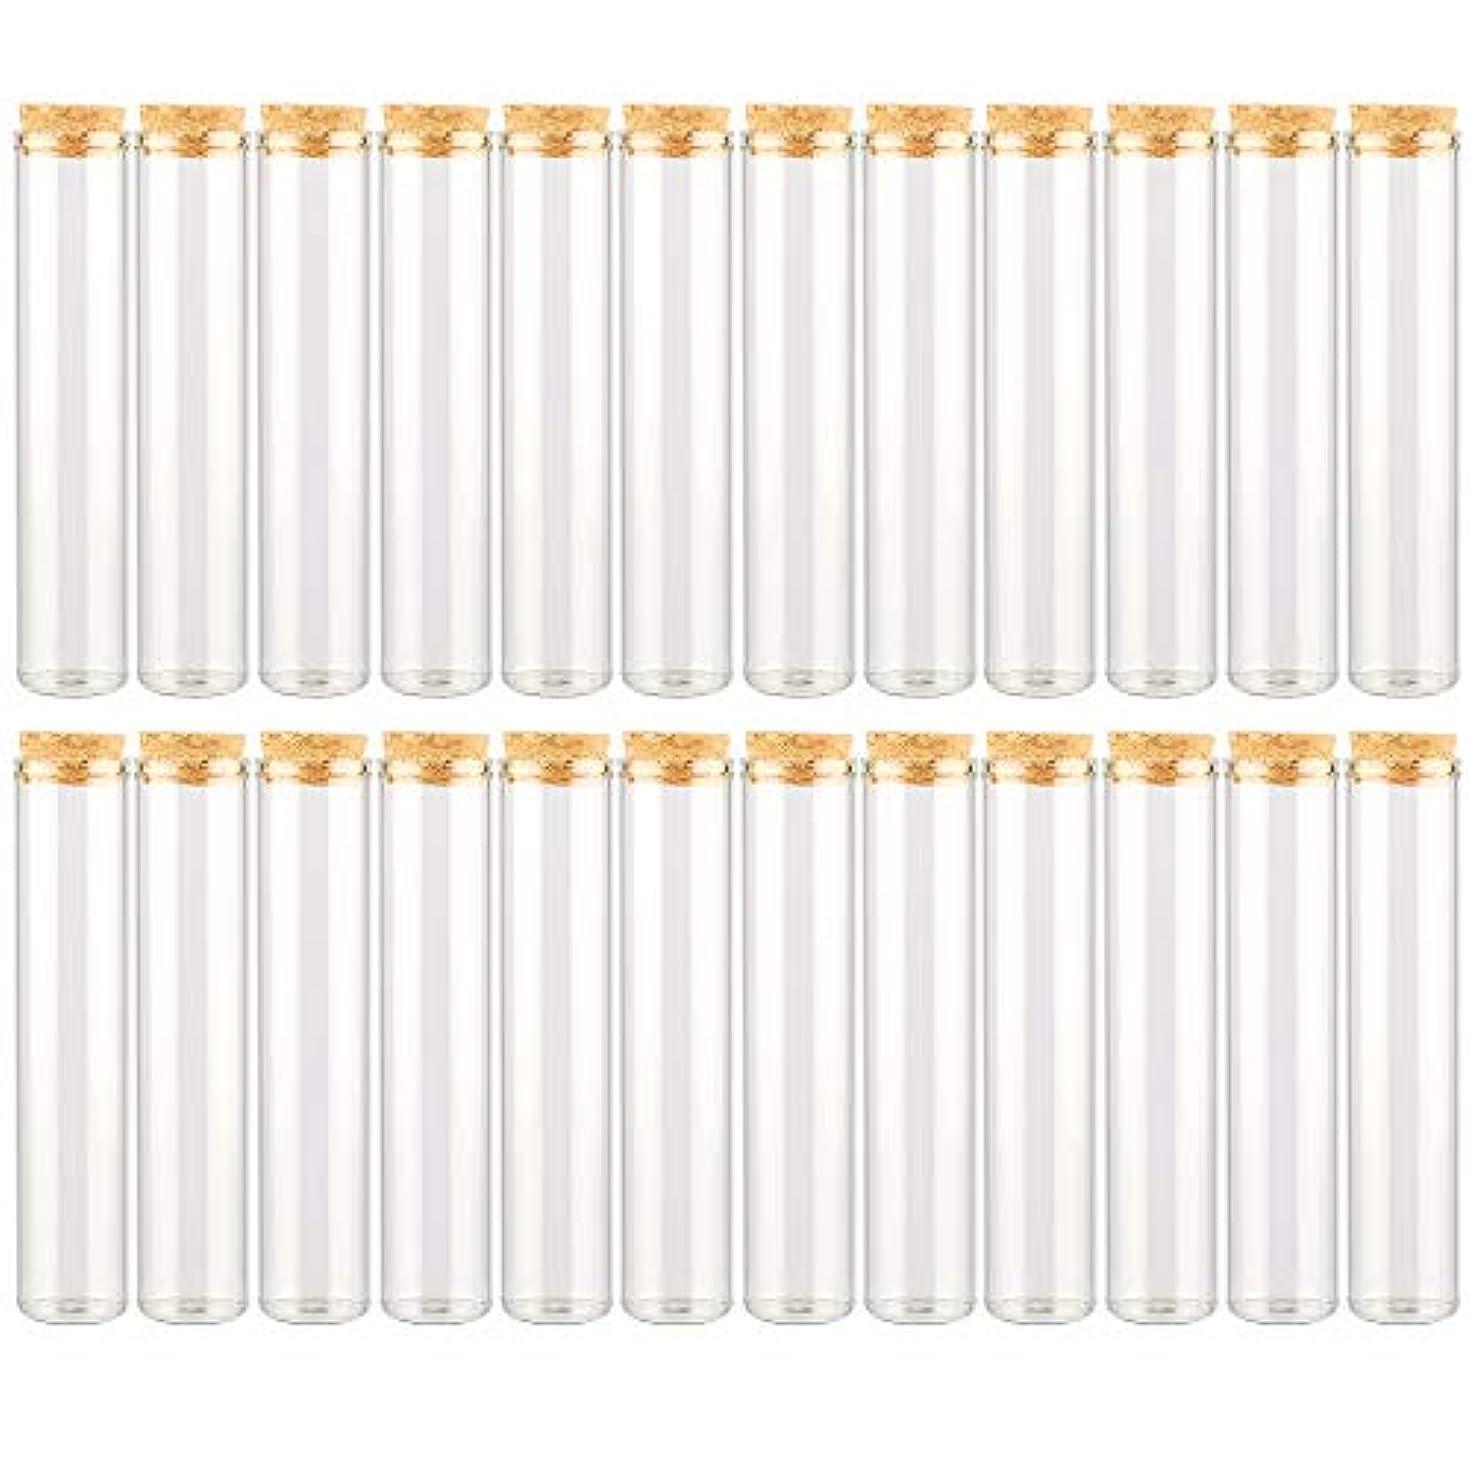 センチメンタル謝罪ペットEC Labmouse シンプル ガラス瓶 コルク栓 24本セット 30ml 透明 ガラス製 アロマオイル 香水 花材 ビーズ 調味料 試験管 (30ml 24本)